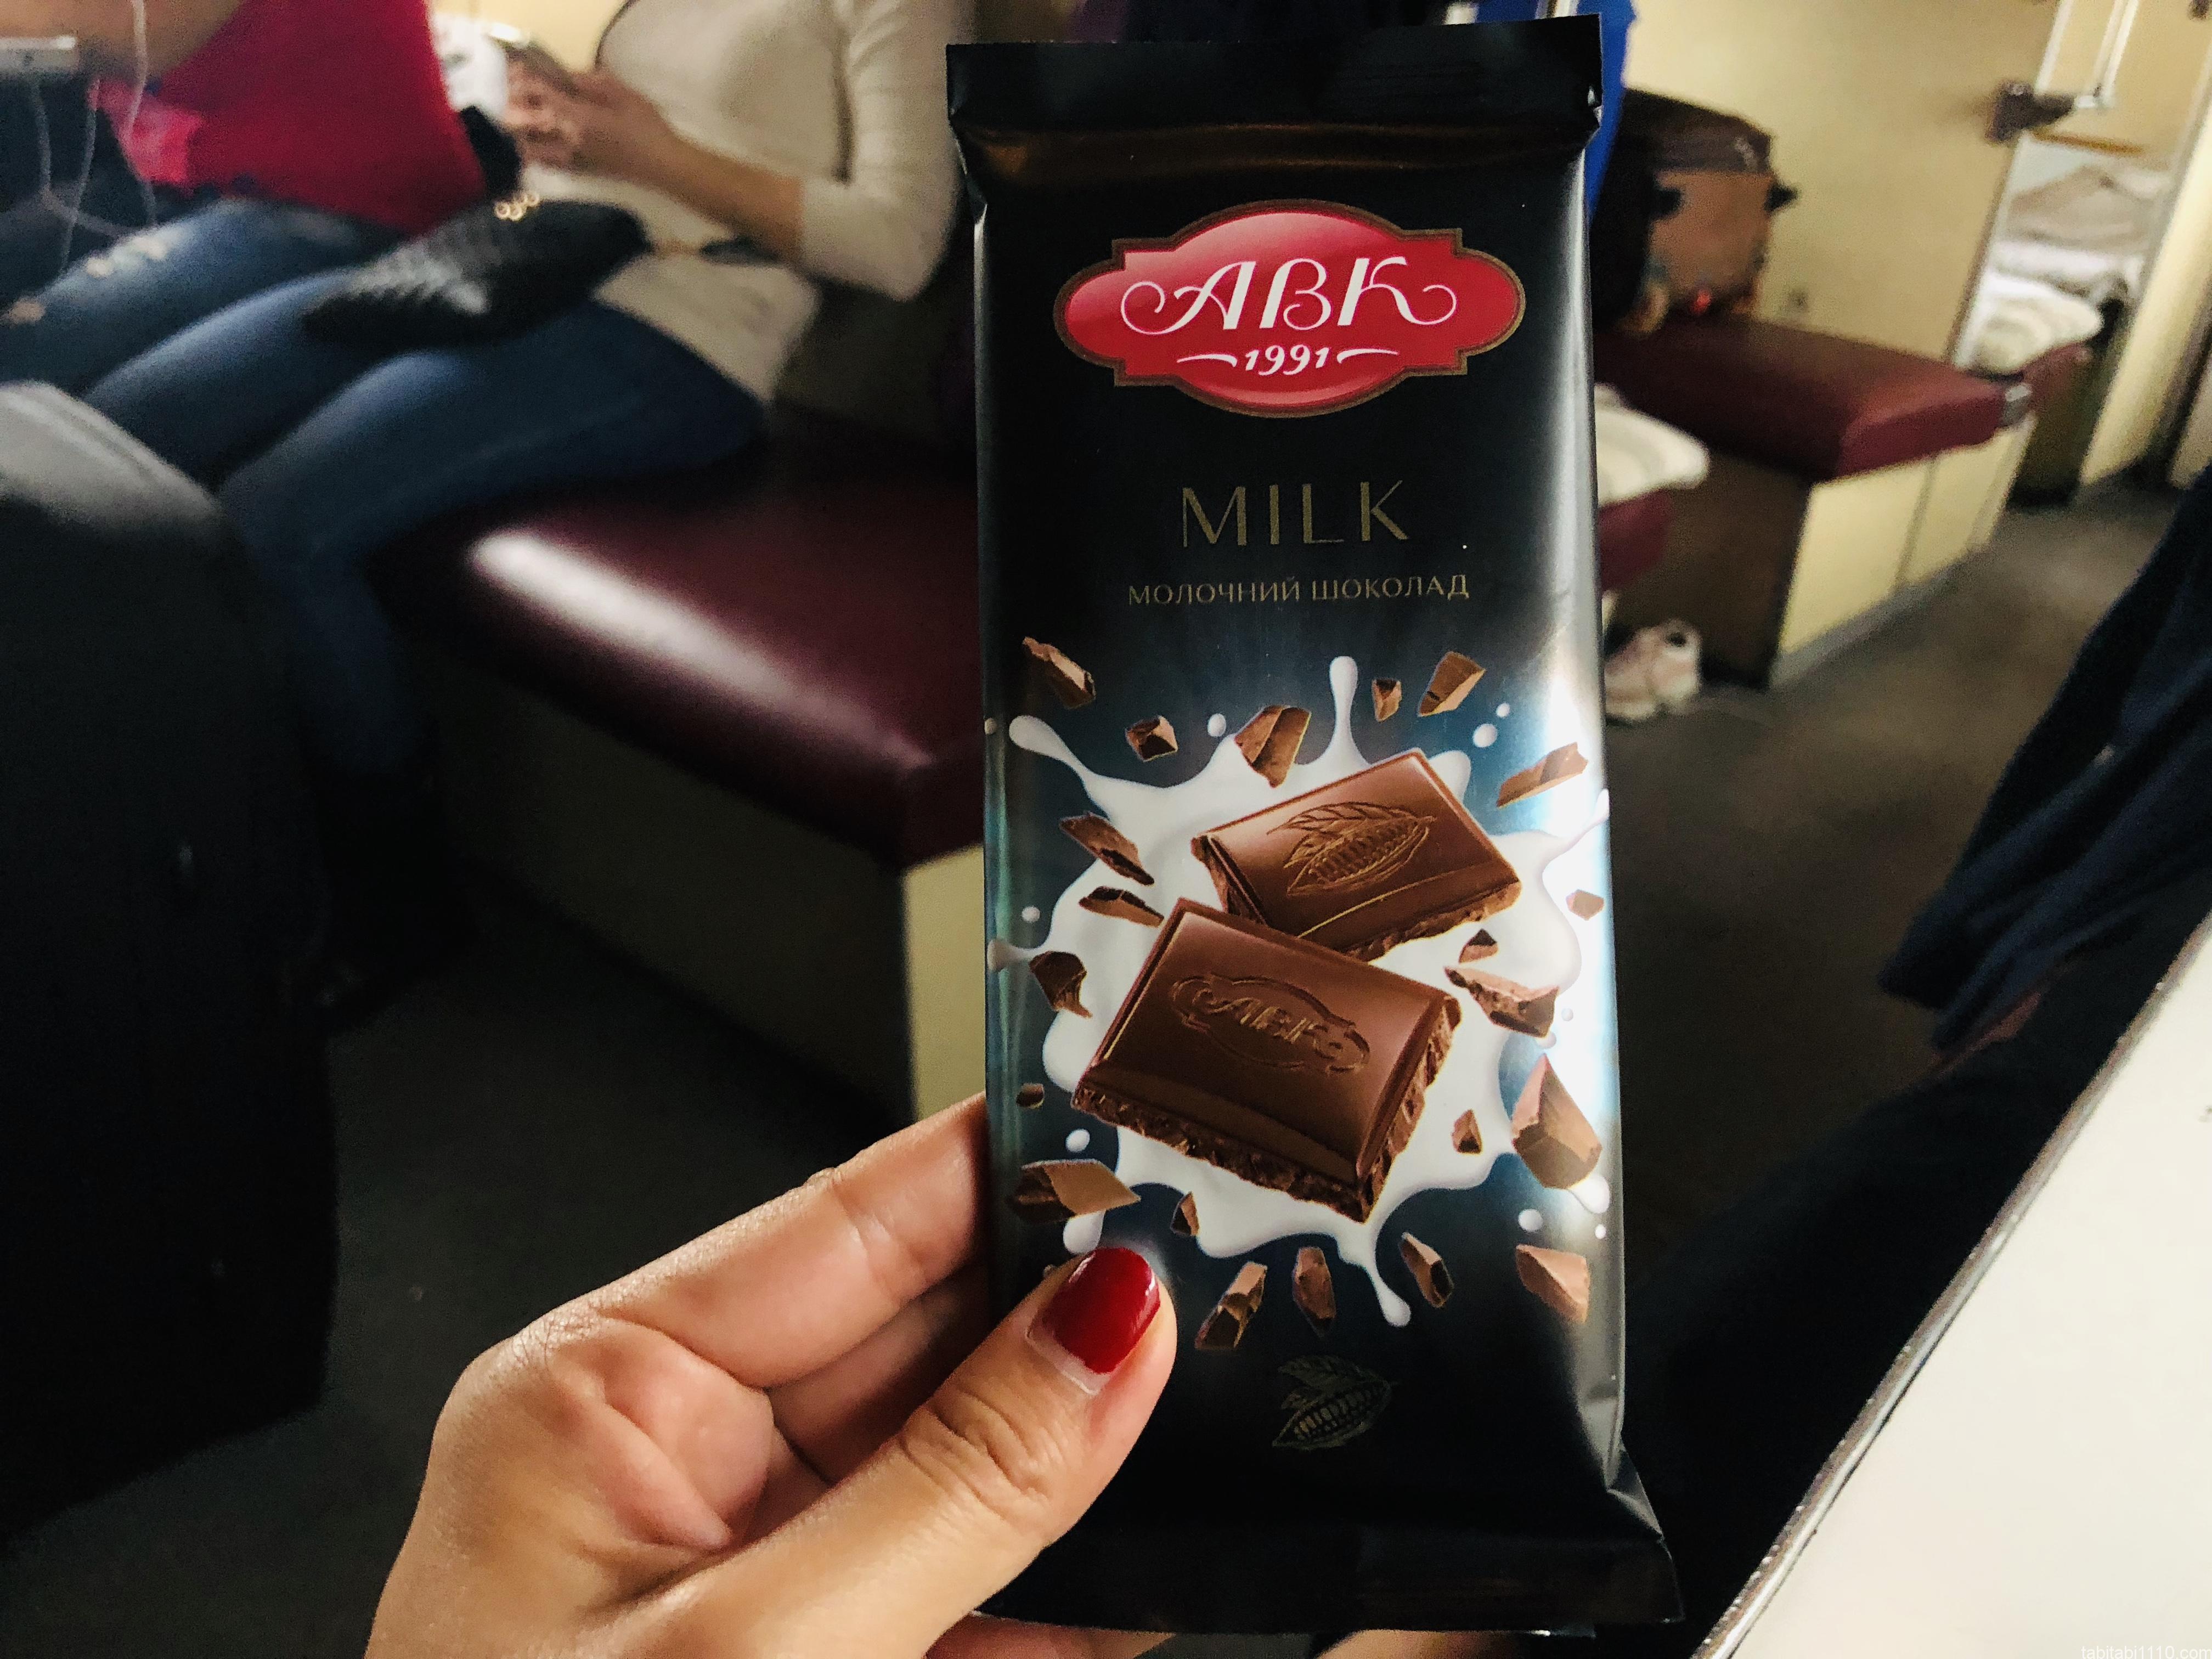 ウクライナのチョコレート